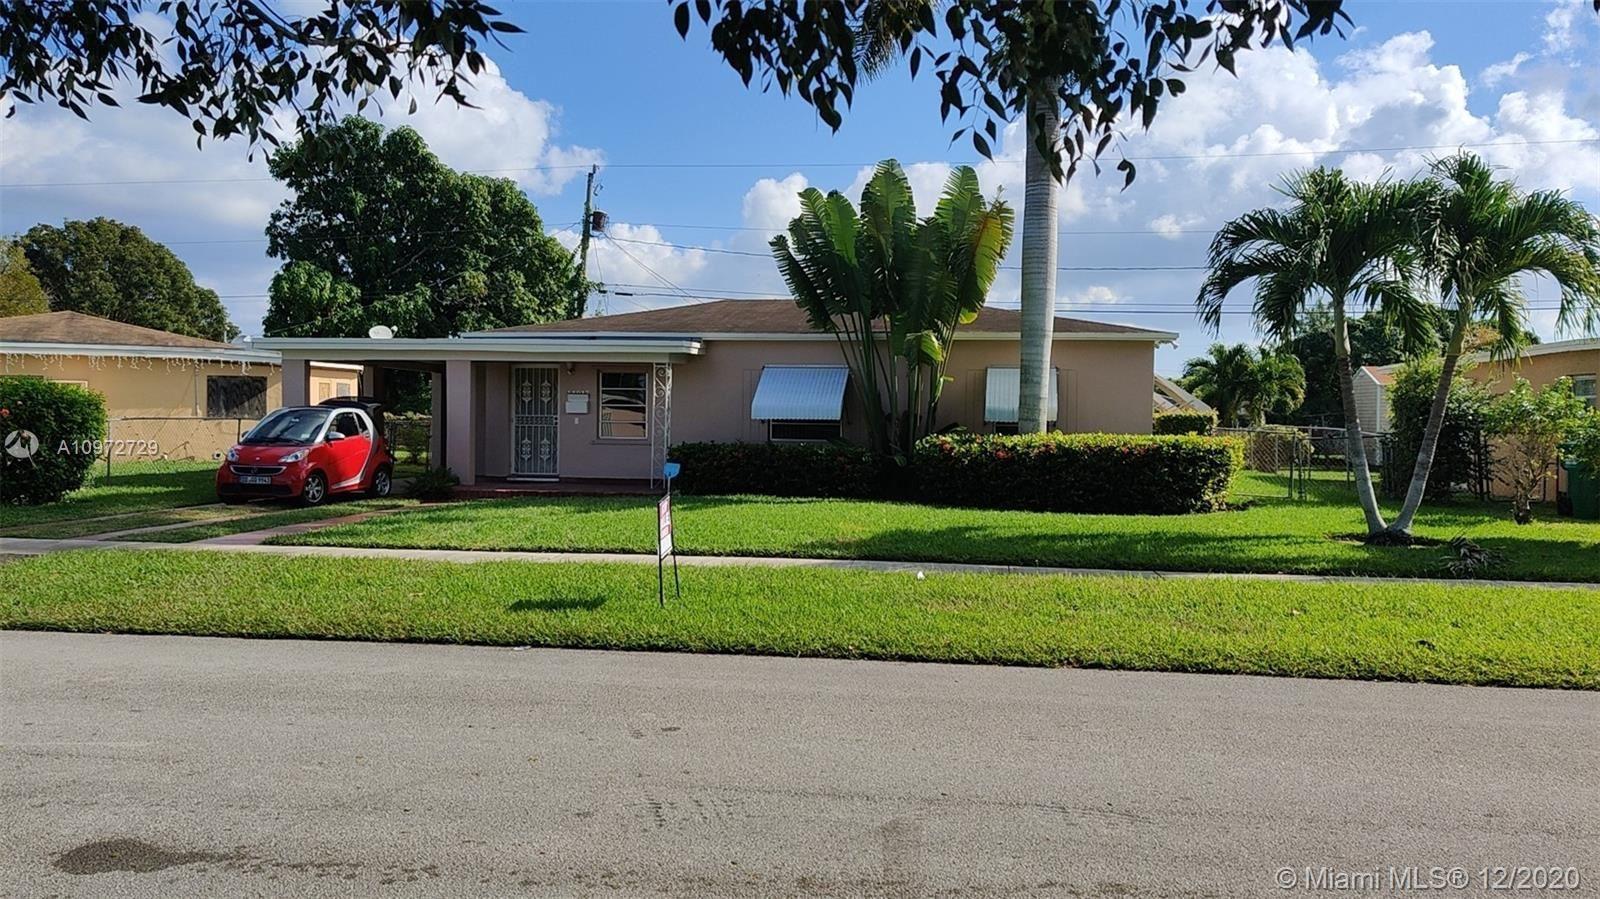 14015 Monroe St, Miami, FL 33176 - #: A10972729